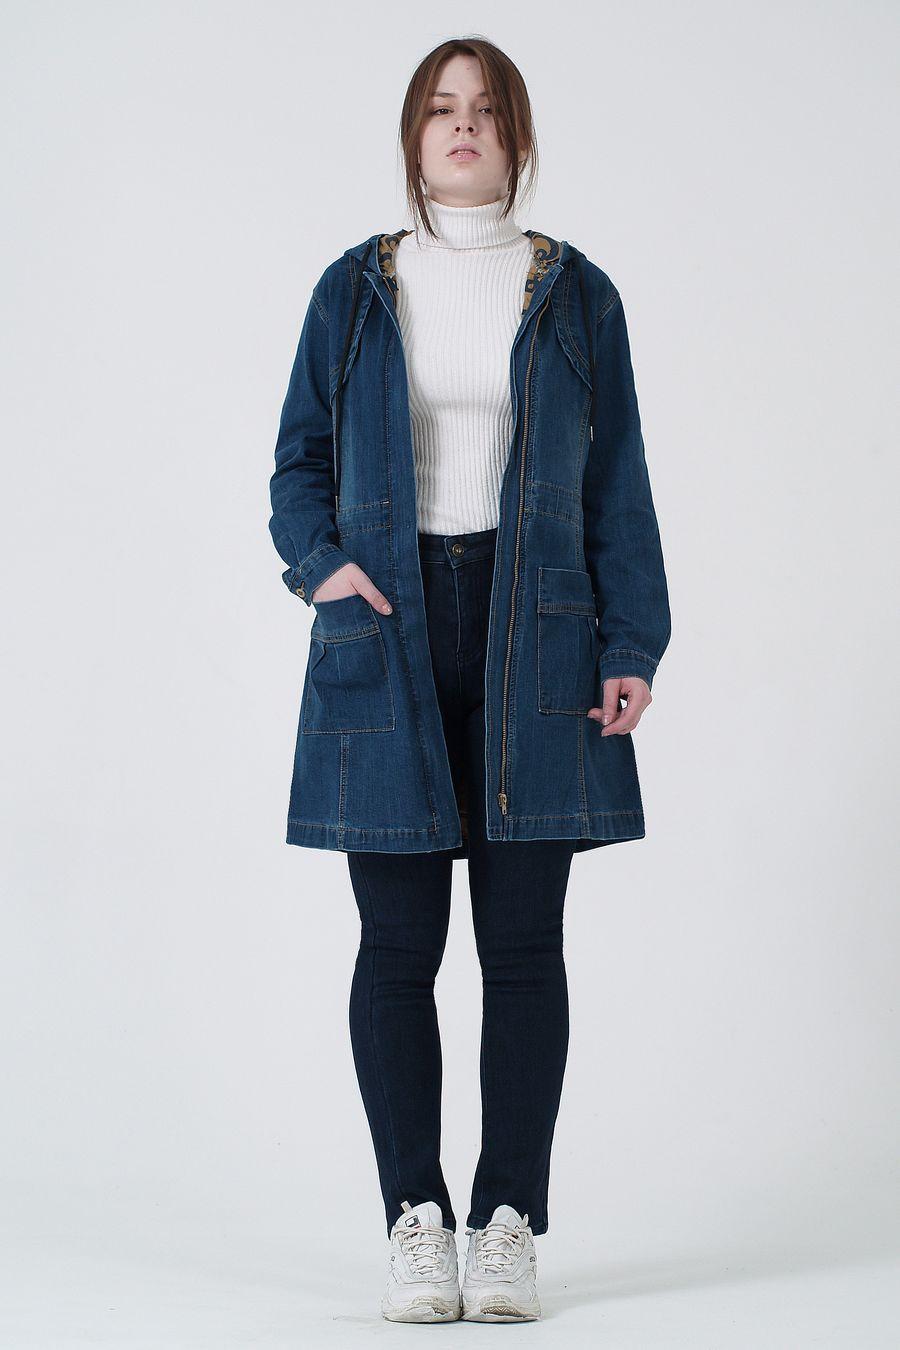 Пиджак женский (джинсовка) K.Y Jeans 901 - фото 1